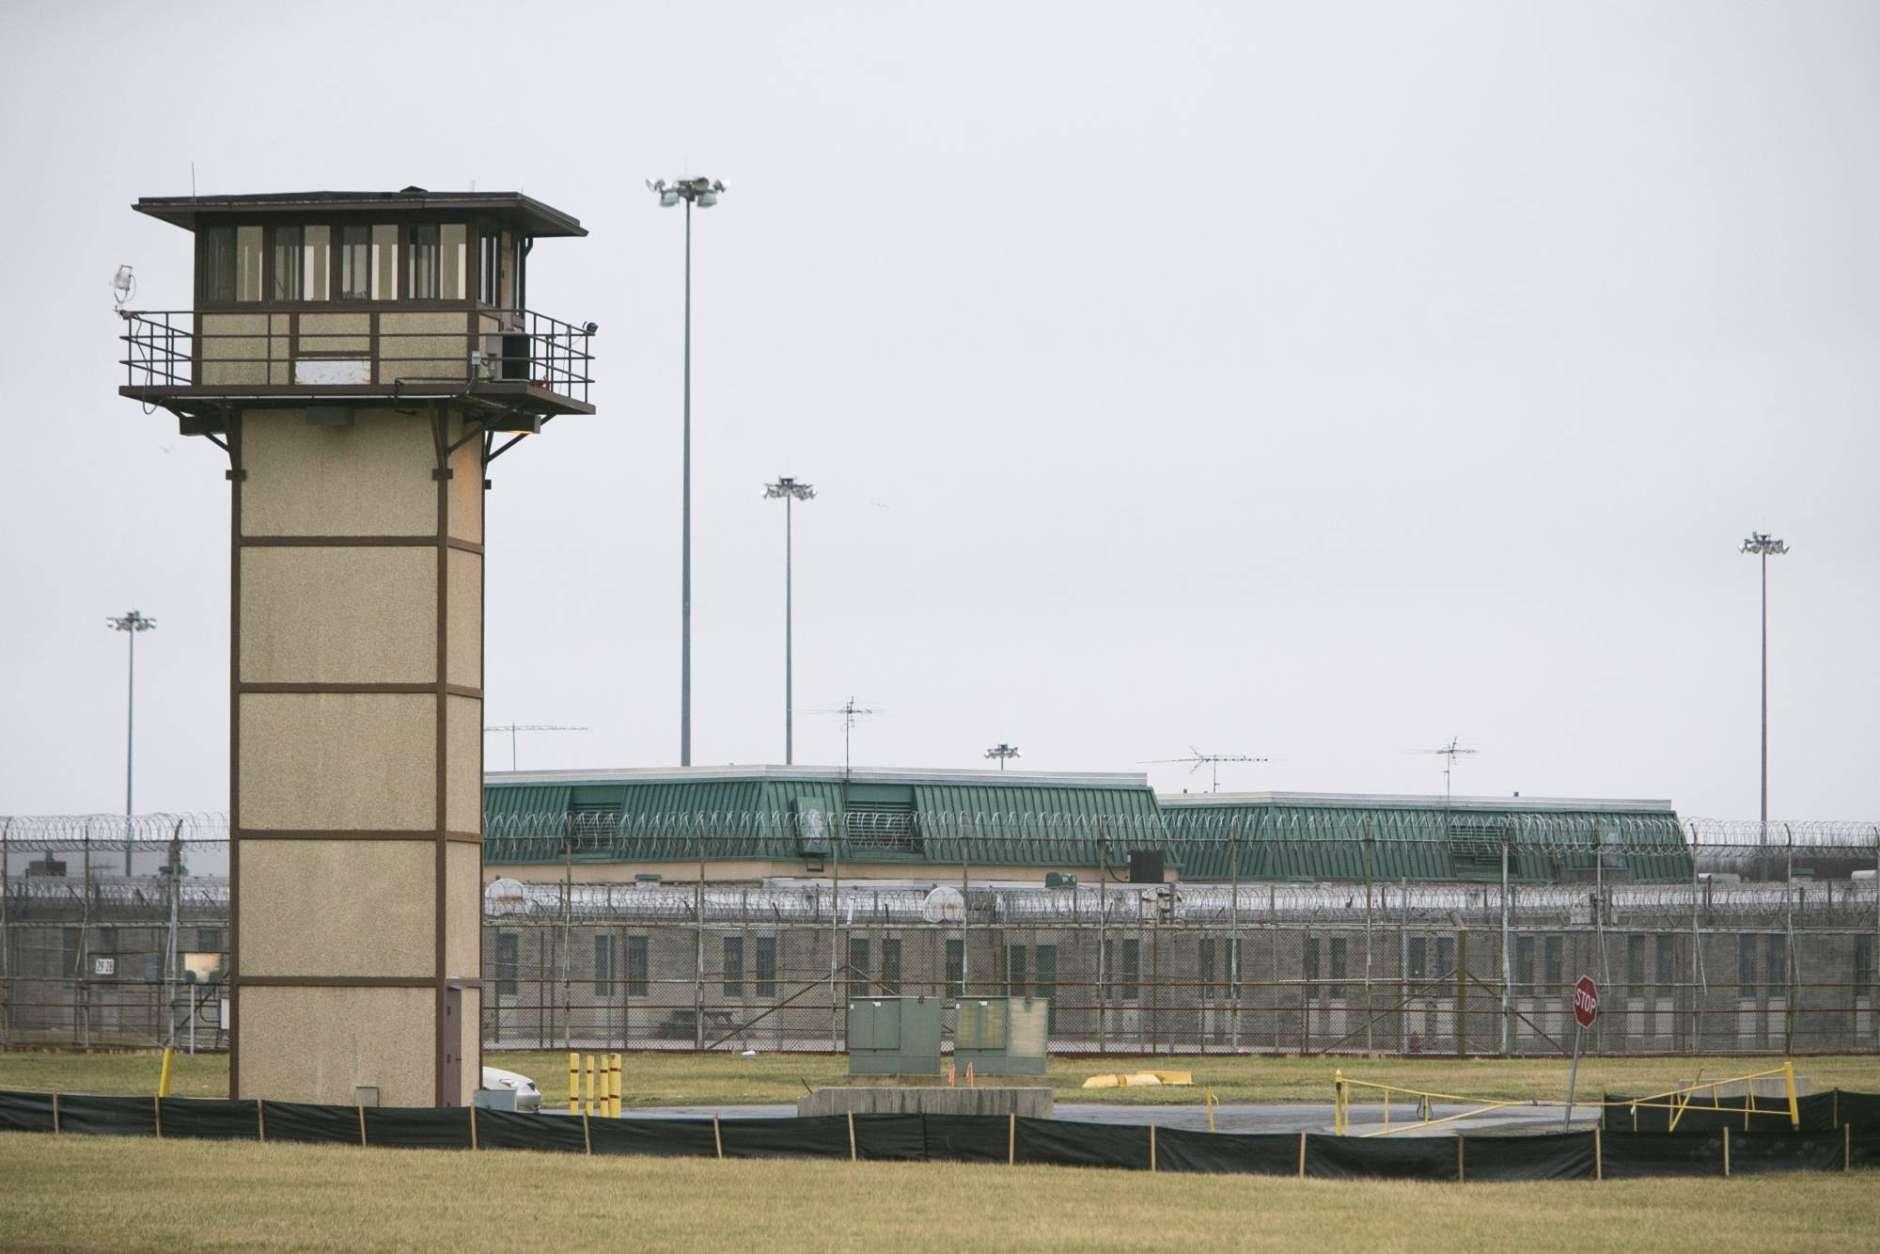 Vaughn Correctional Center;  Photo: via wtop.com